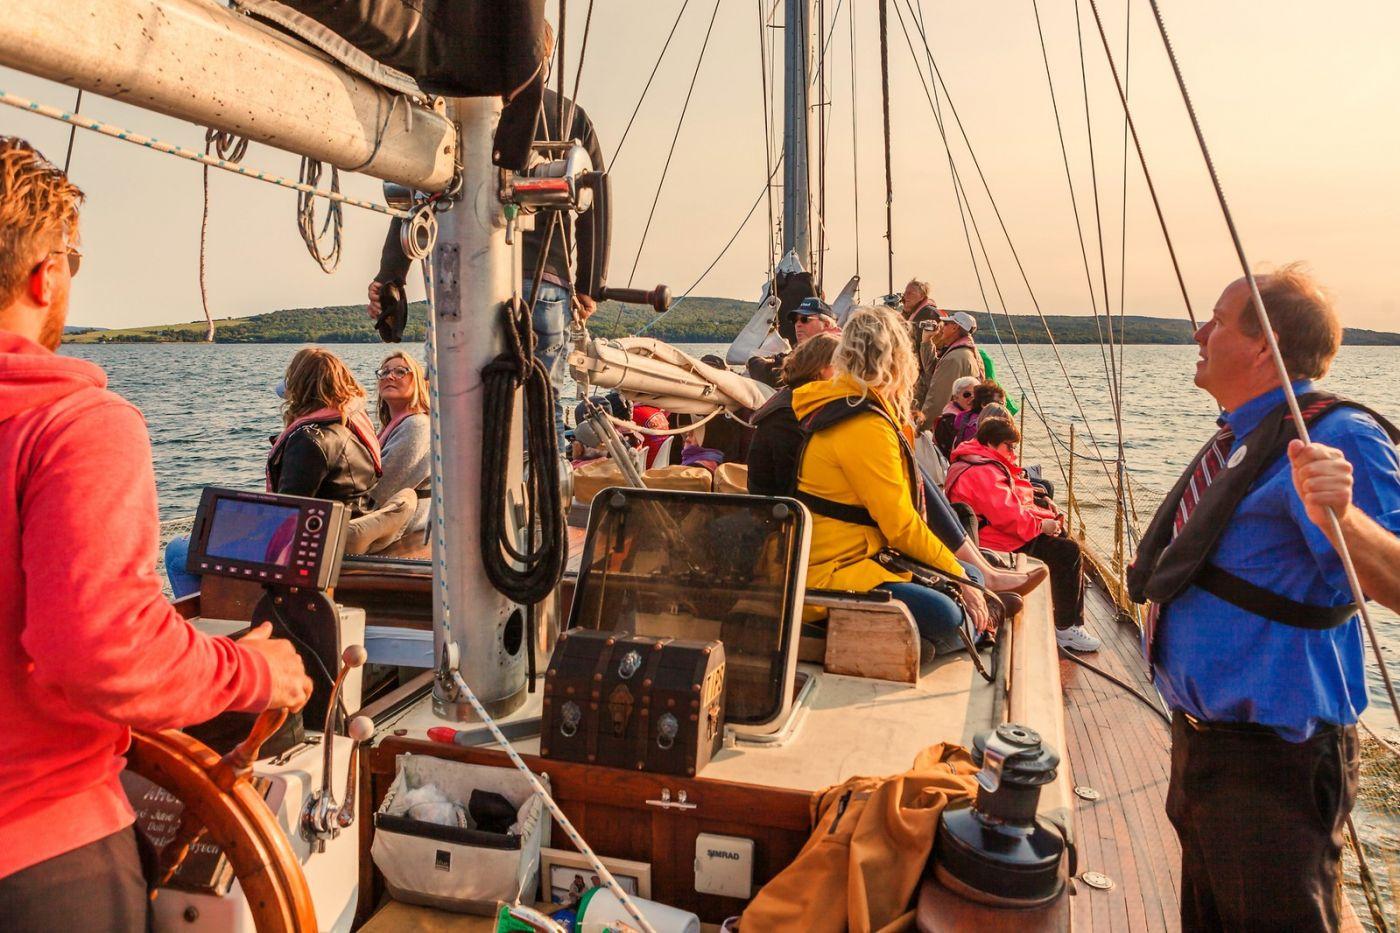 加拿大Nova Scotia, 帆船灯塔老鹰_图1-6